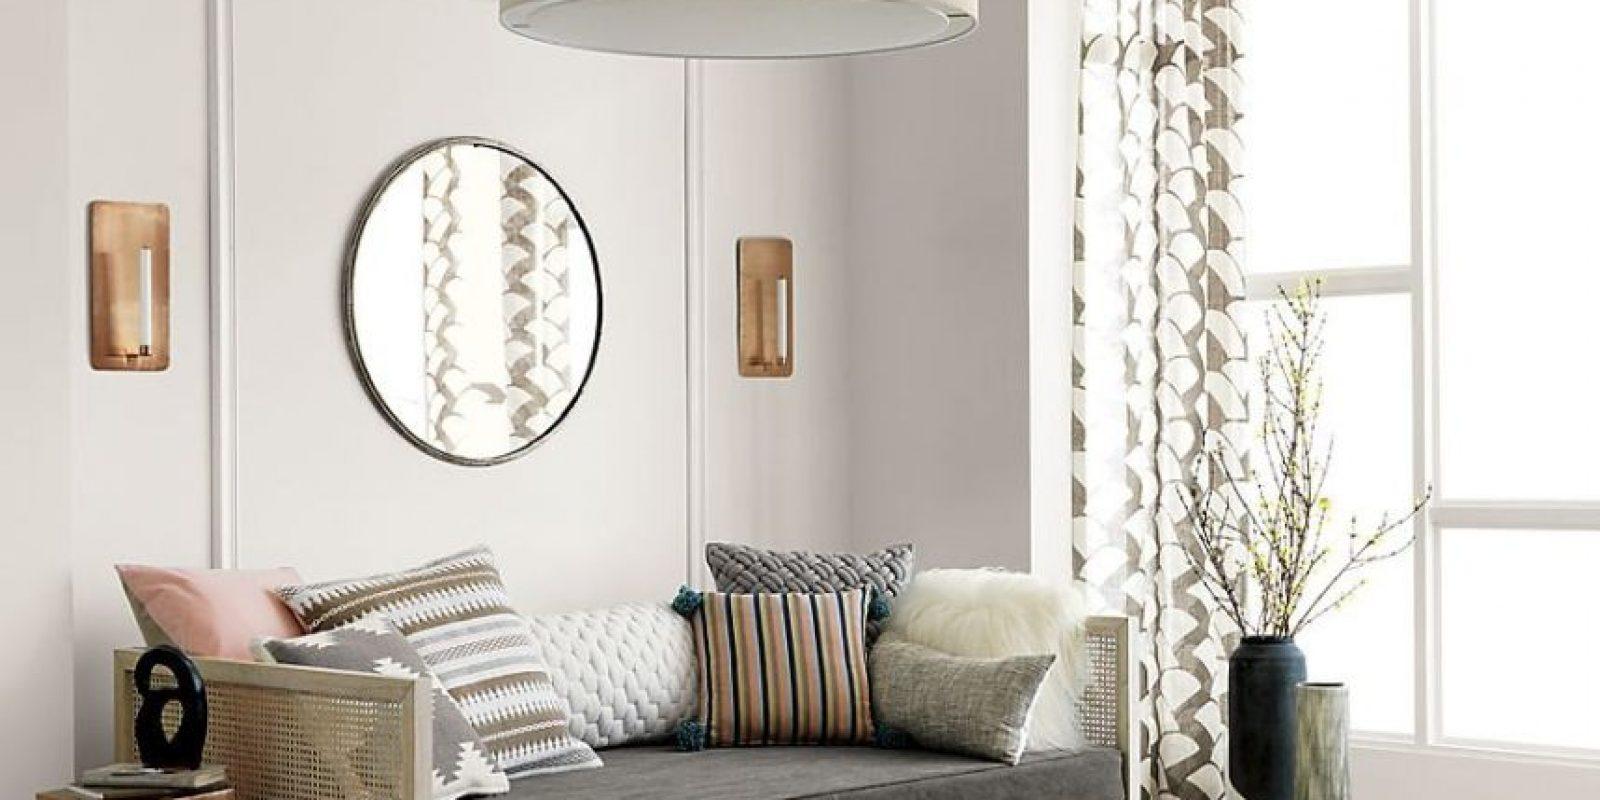 Sigue las predicciones de Pinterest y actualiza la decoración de tu hogar con colores neutrales, piezas artesanales y papel tapiz en tonalidades metálicas. Foto:Fuente Externa